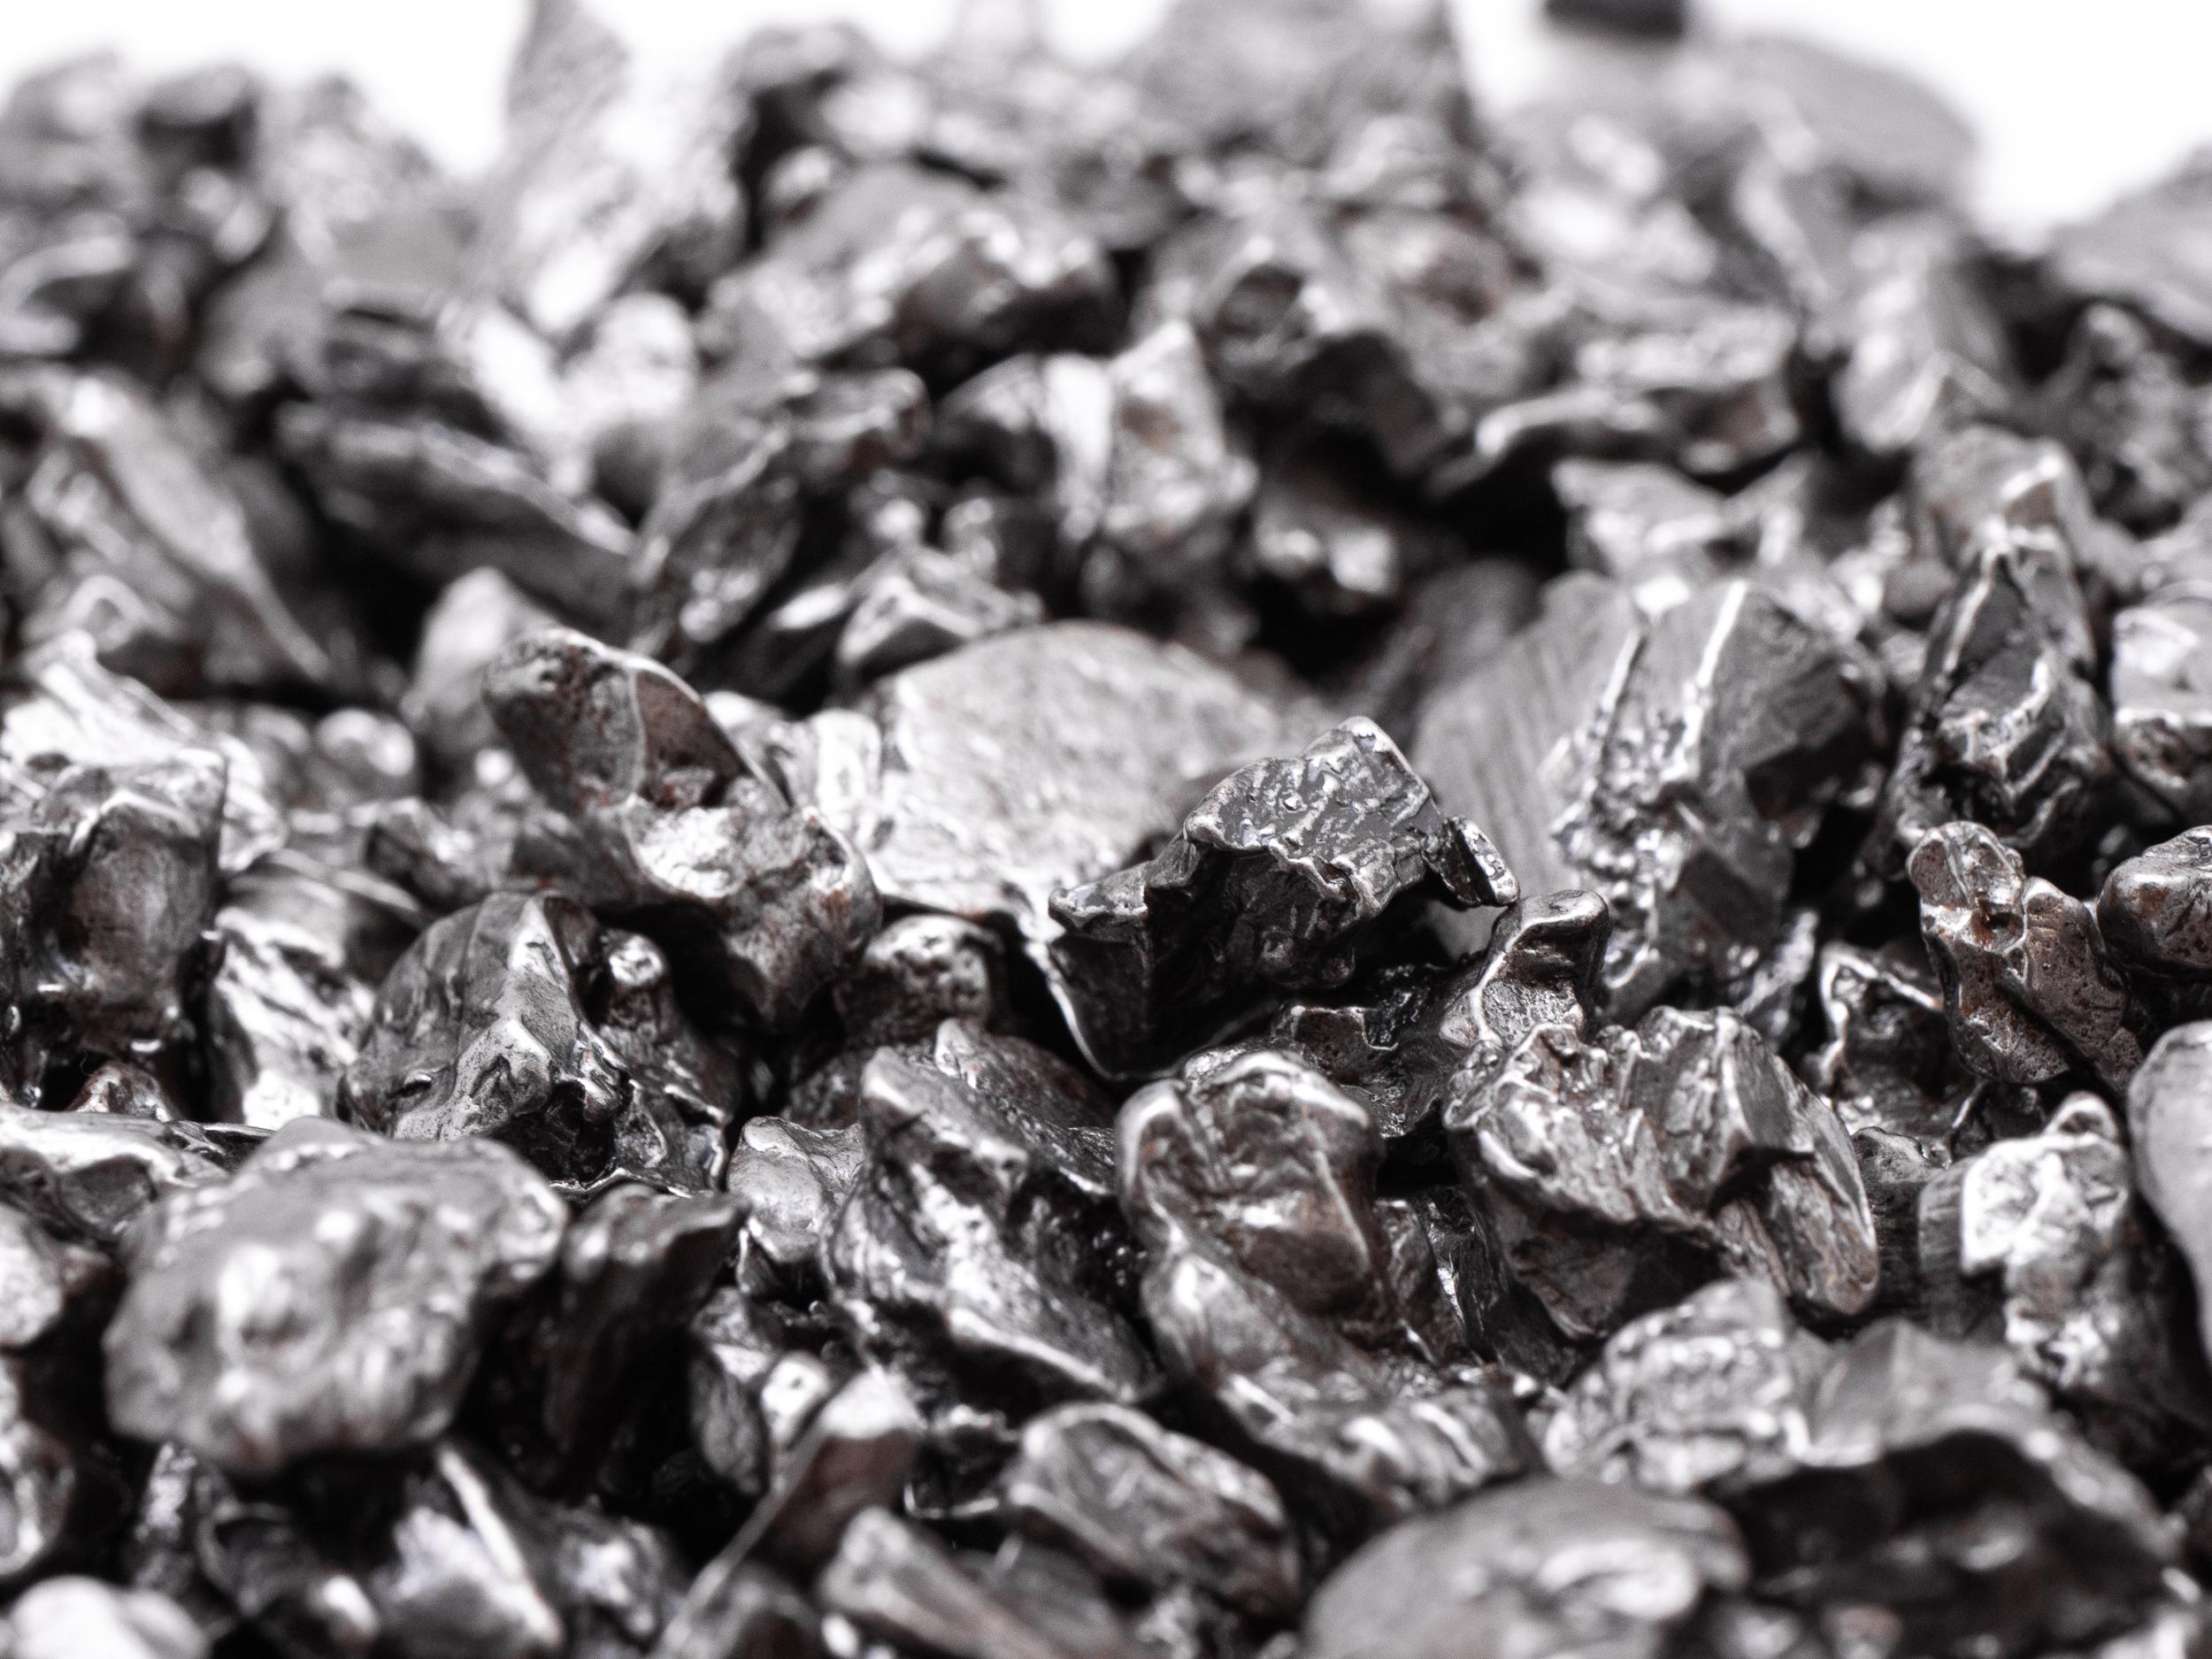 campo crystals 3g